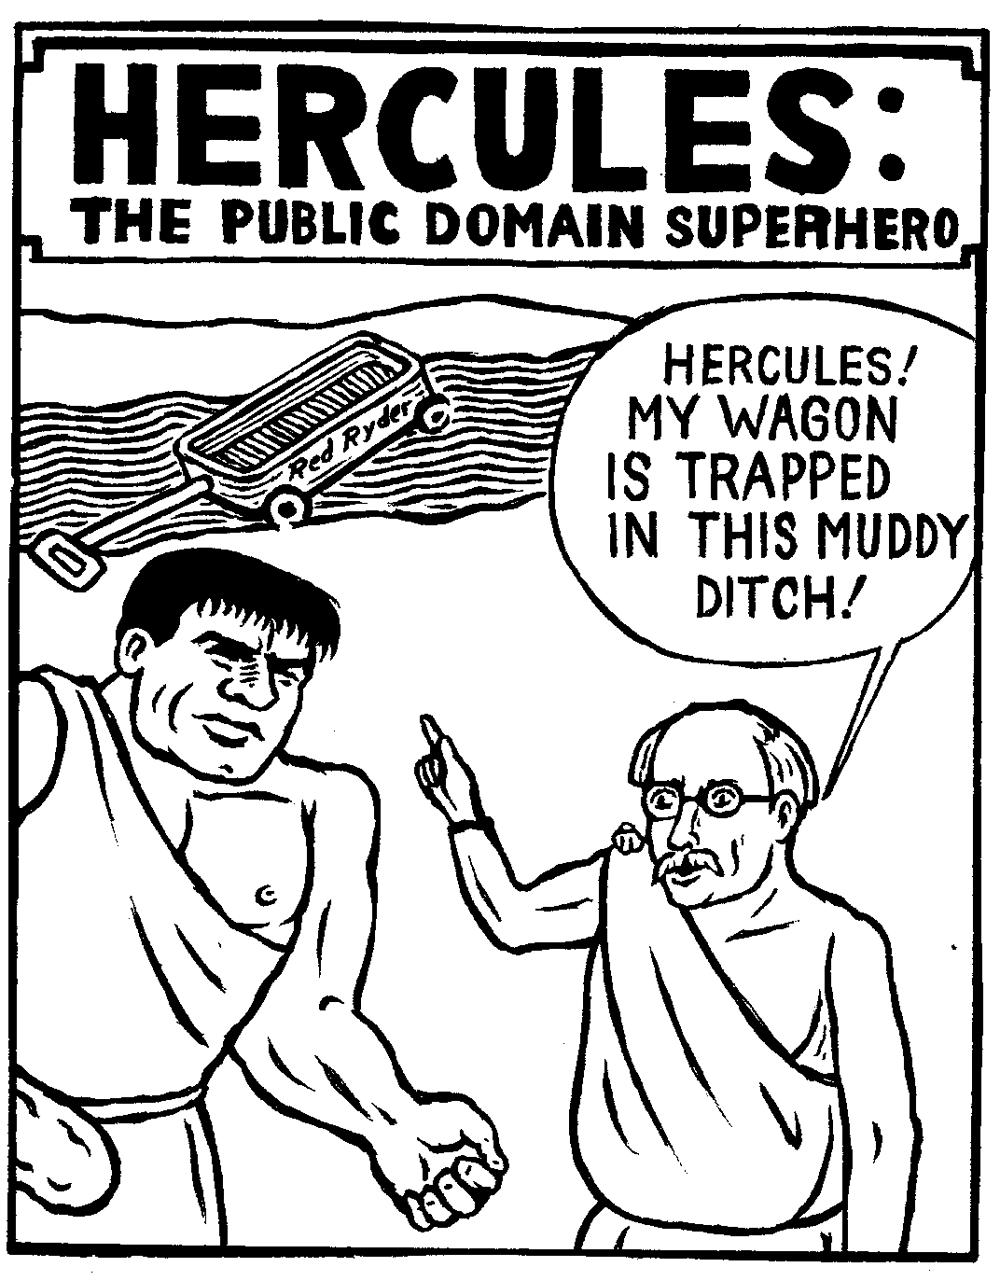 Hercules1.png